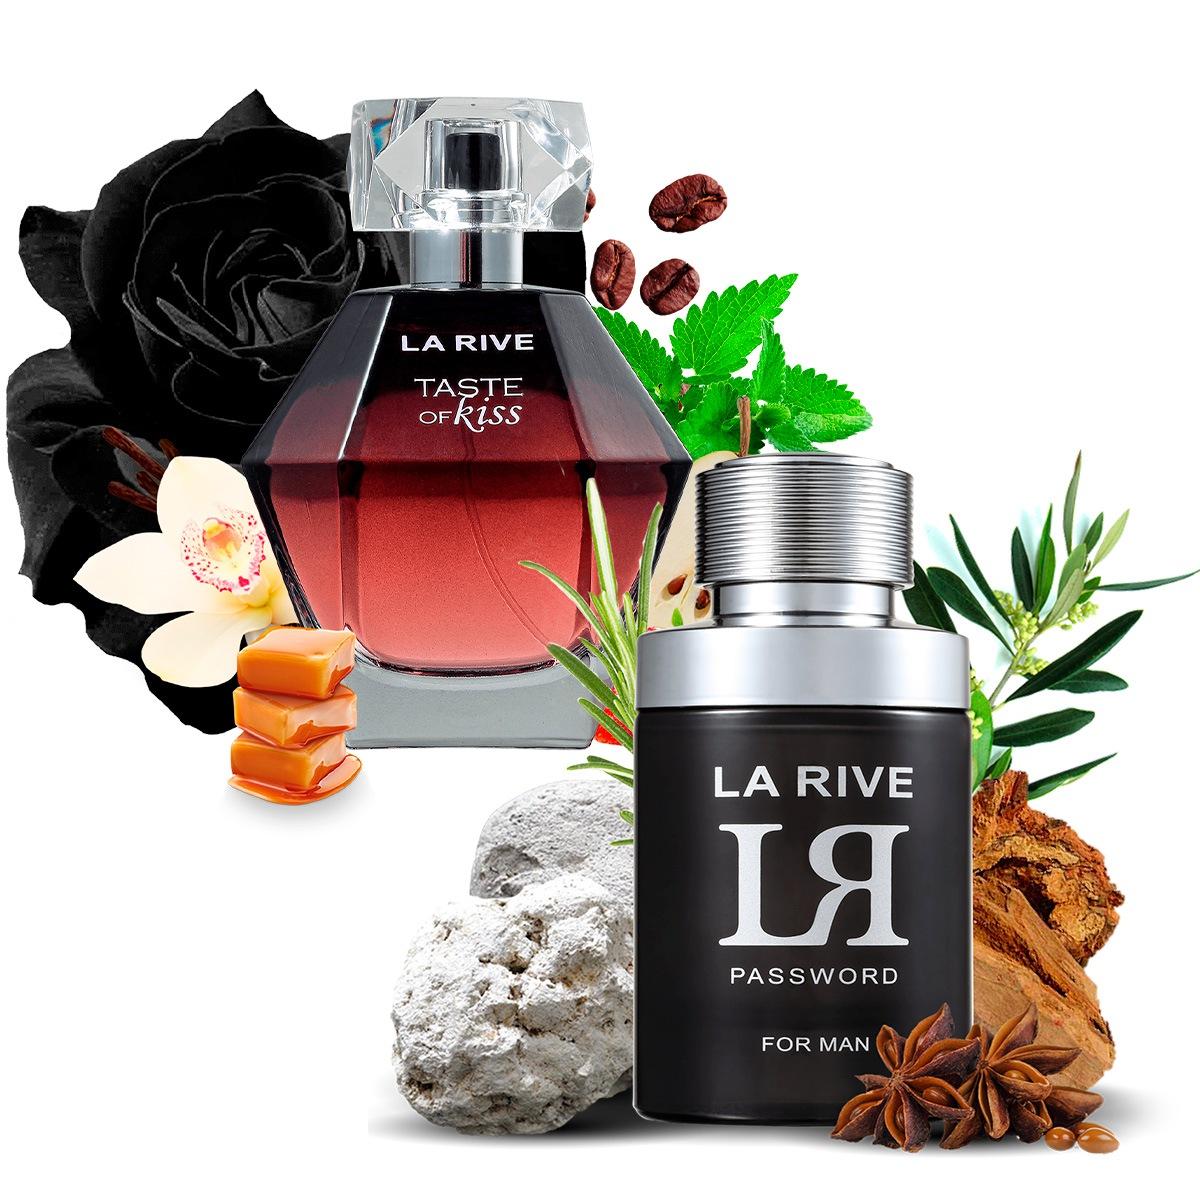 Kit 2 Perfumes LR Password e Taste of Kiss La Rive